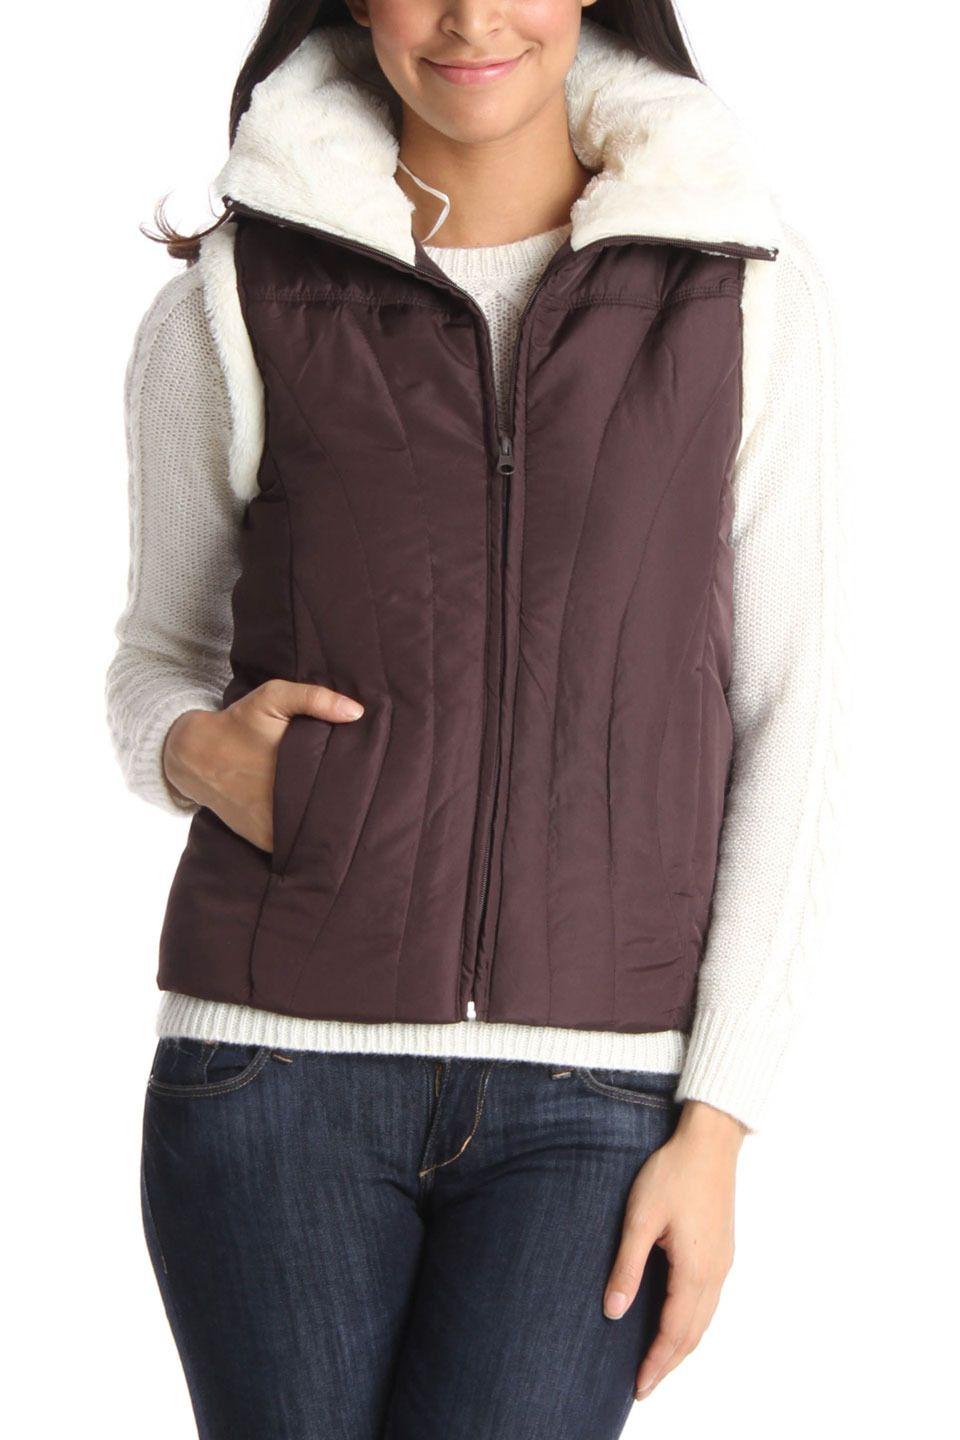 contact Fleece Vest In Chocolate - $19.99